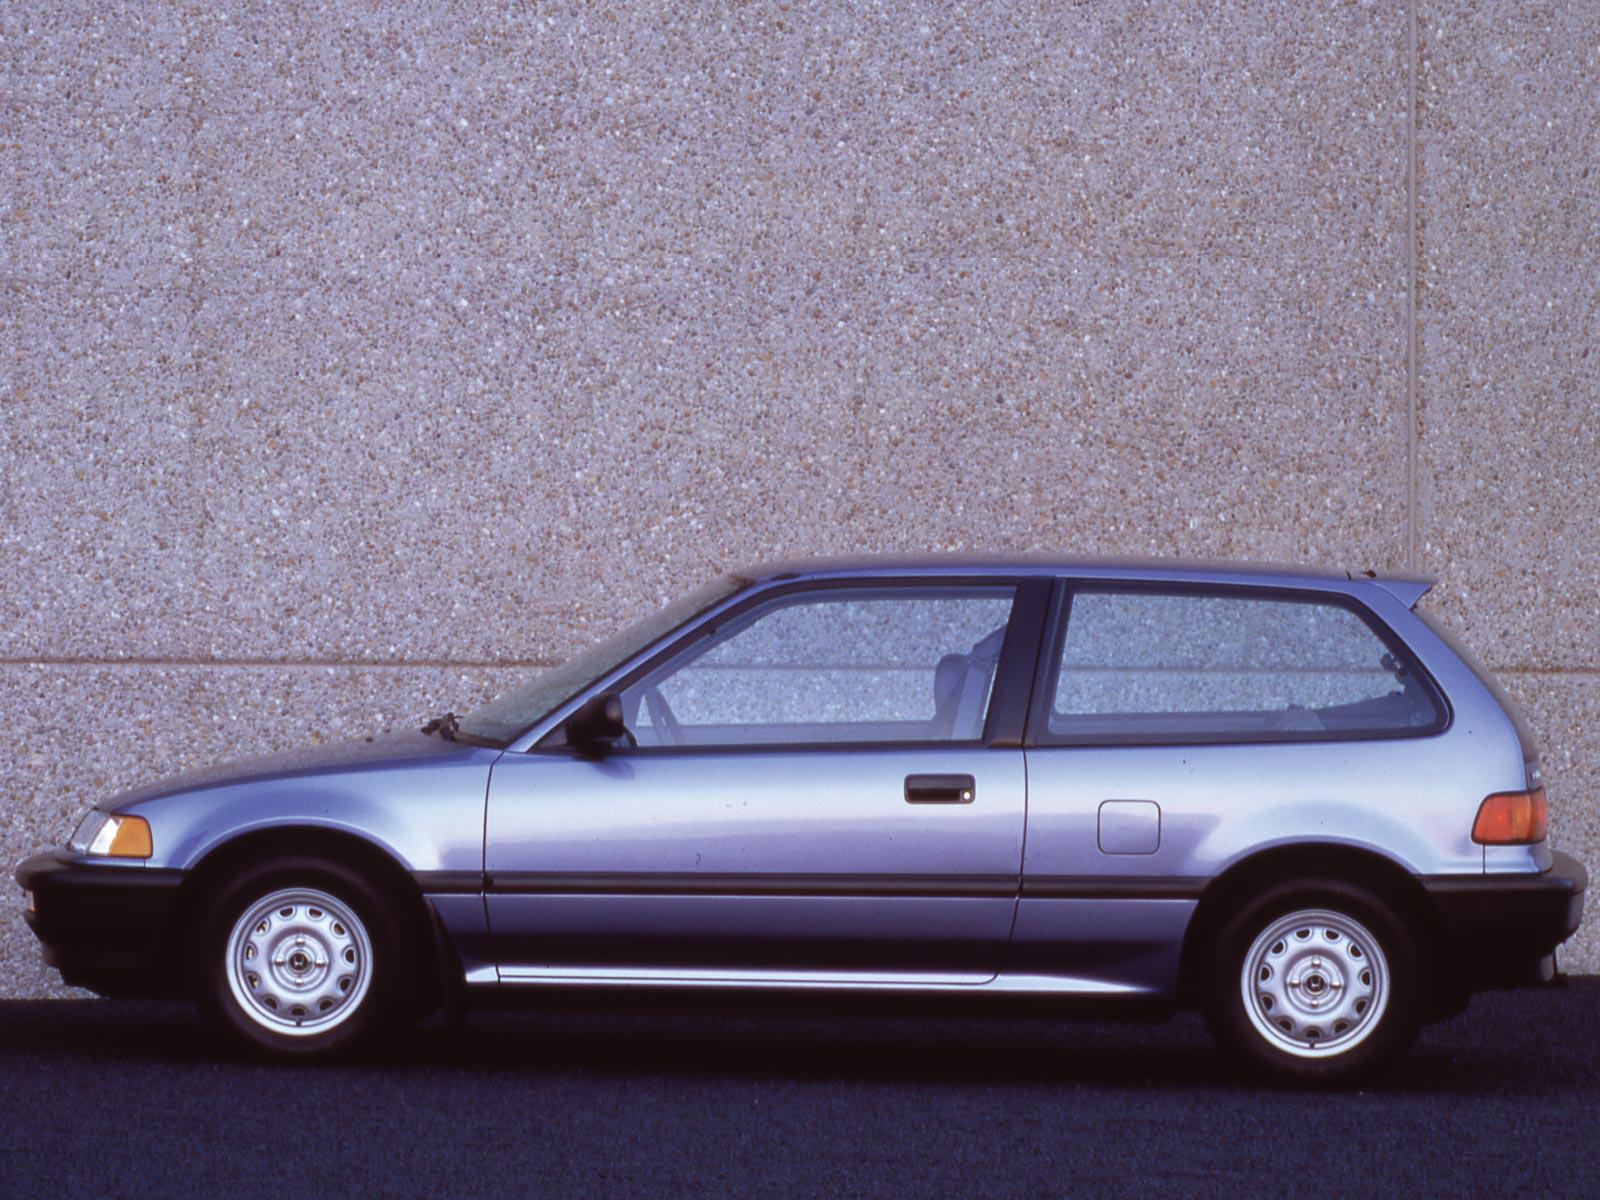 1990 Honda Civic Hatchback (c) Honda